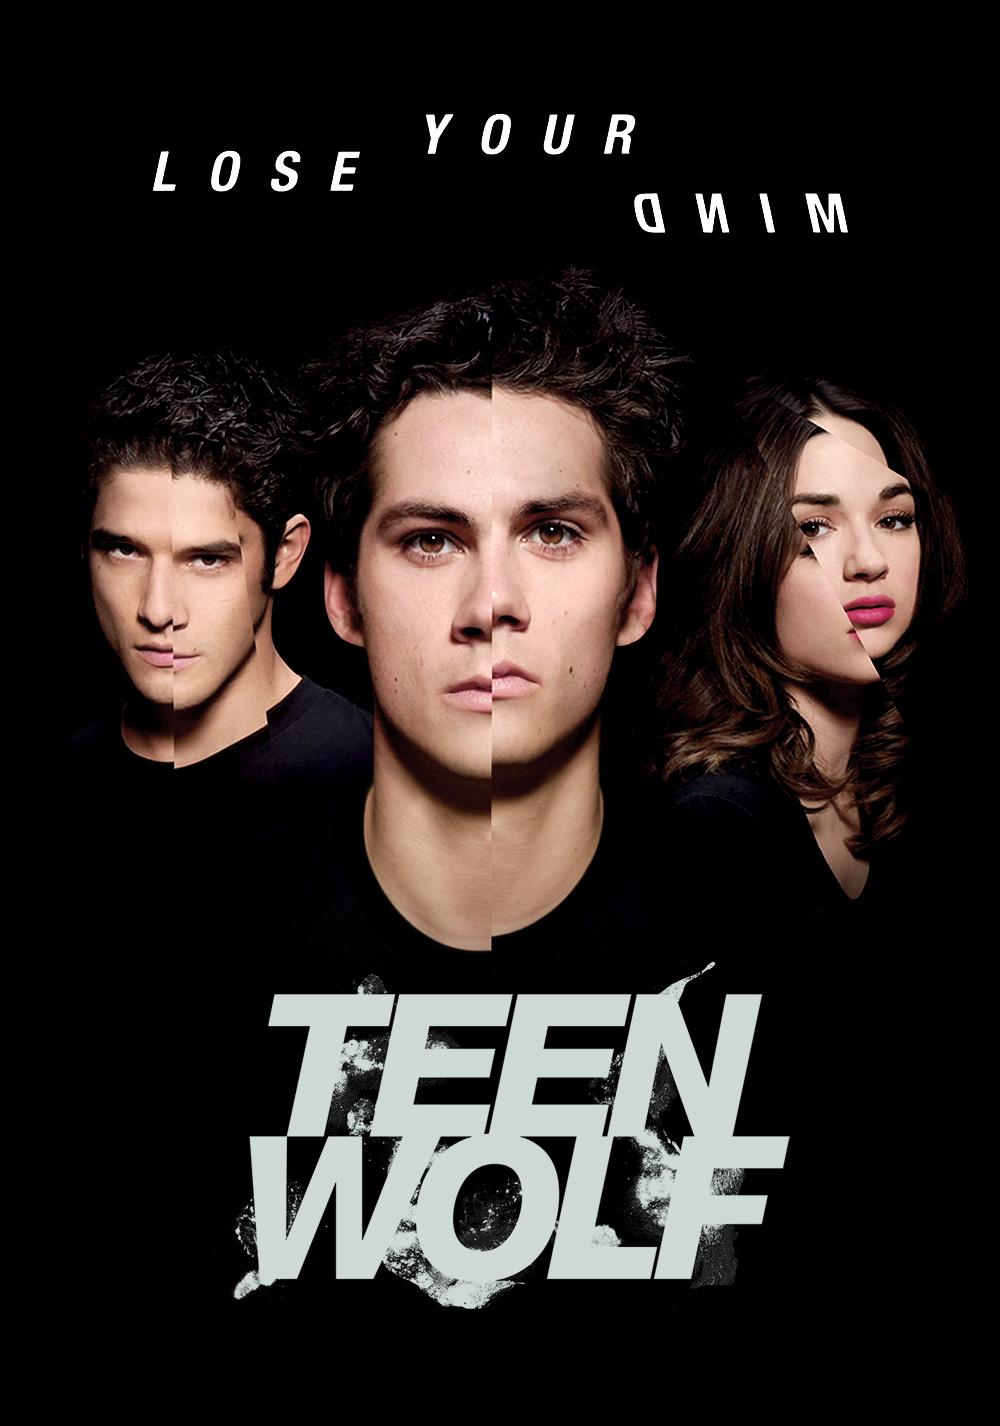 Teen Wolf (2011) | TV fanart | fanart.tv